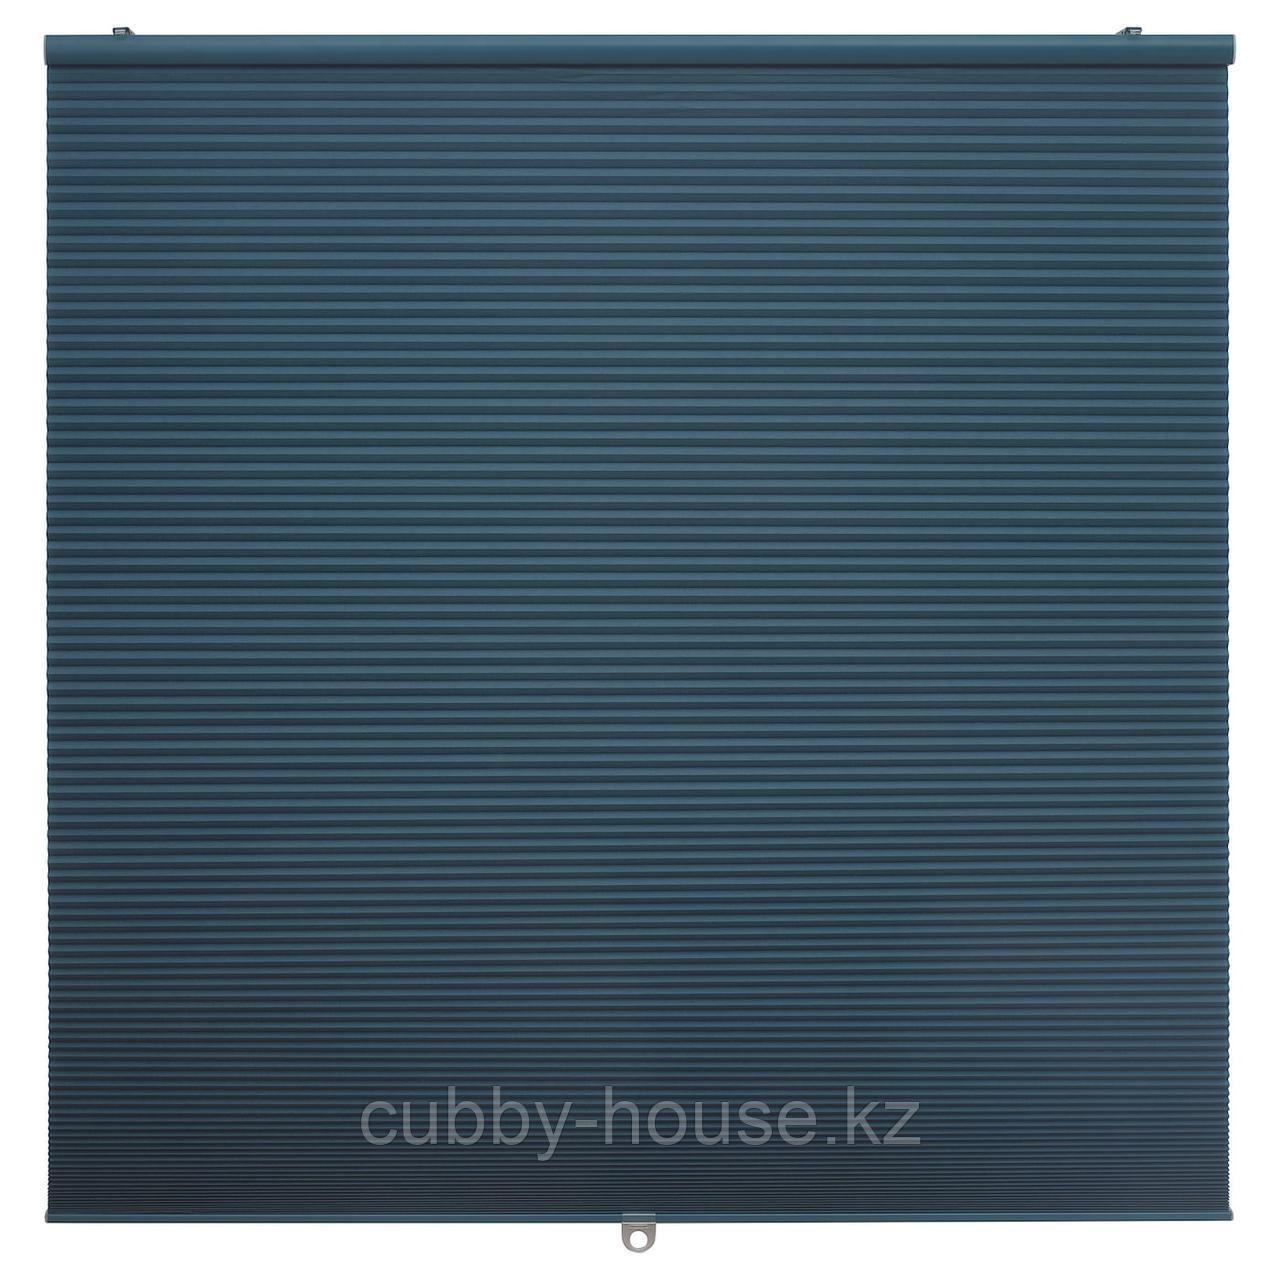 ХОППВАЛС Затемняющие сотовидные жалюзи, синий, 80x155 см